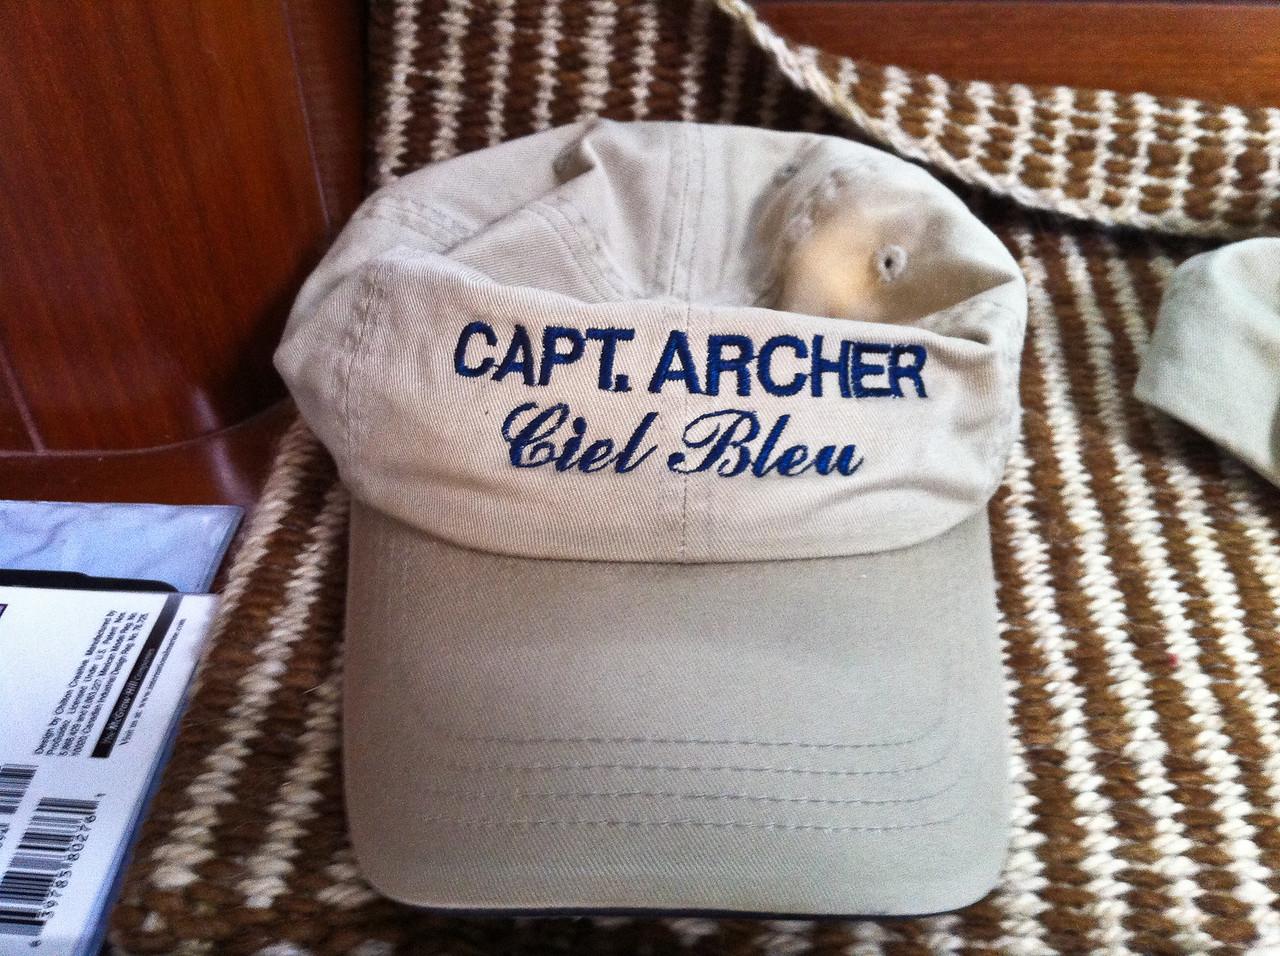 Captain's Cap:<br /> Capt. Archer<br /> Ciel Bleu